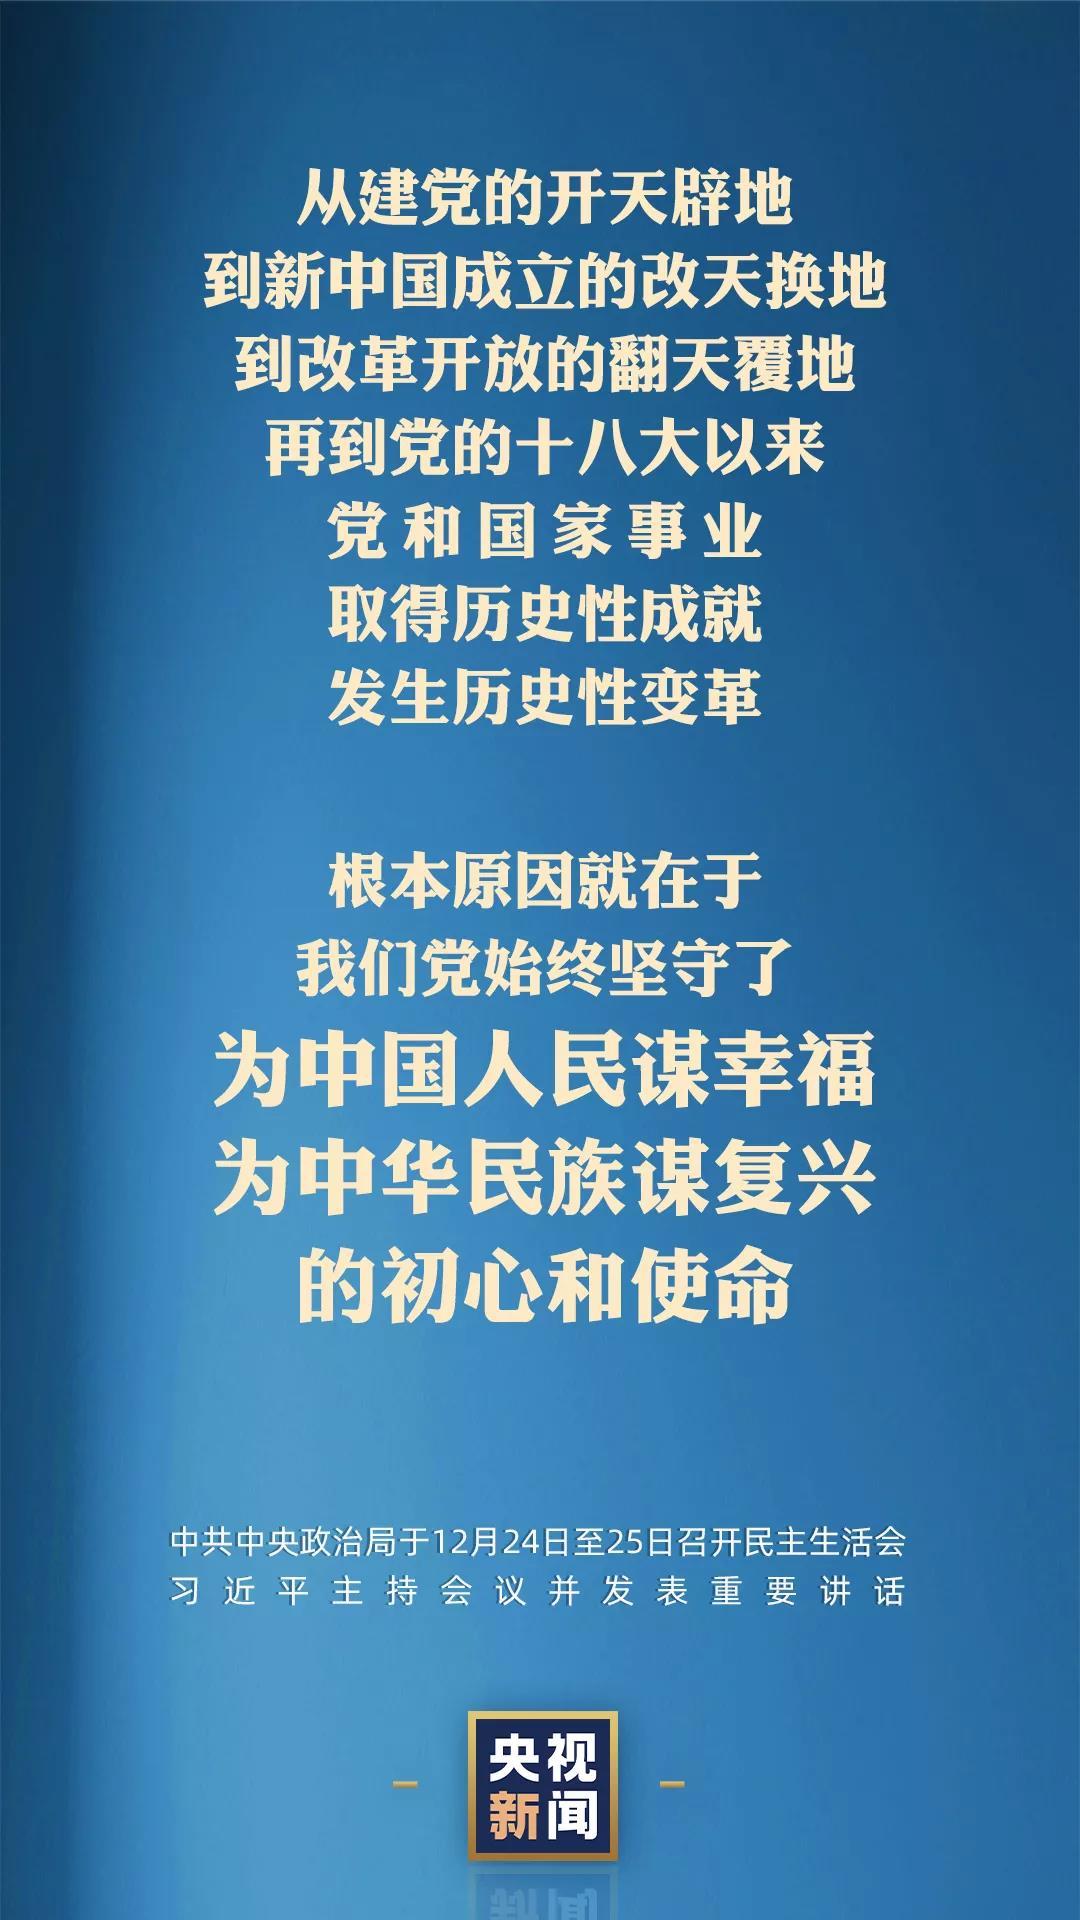 中央政治局召开民主生活会,明确2021年工作方向